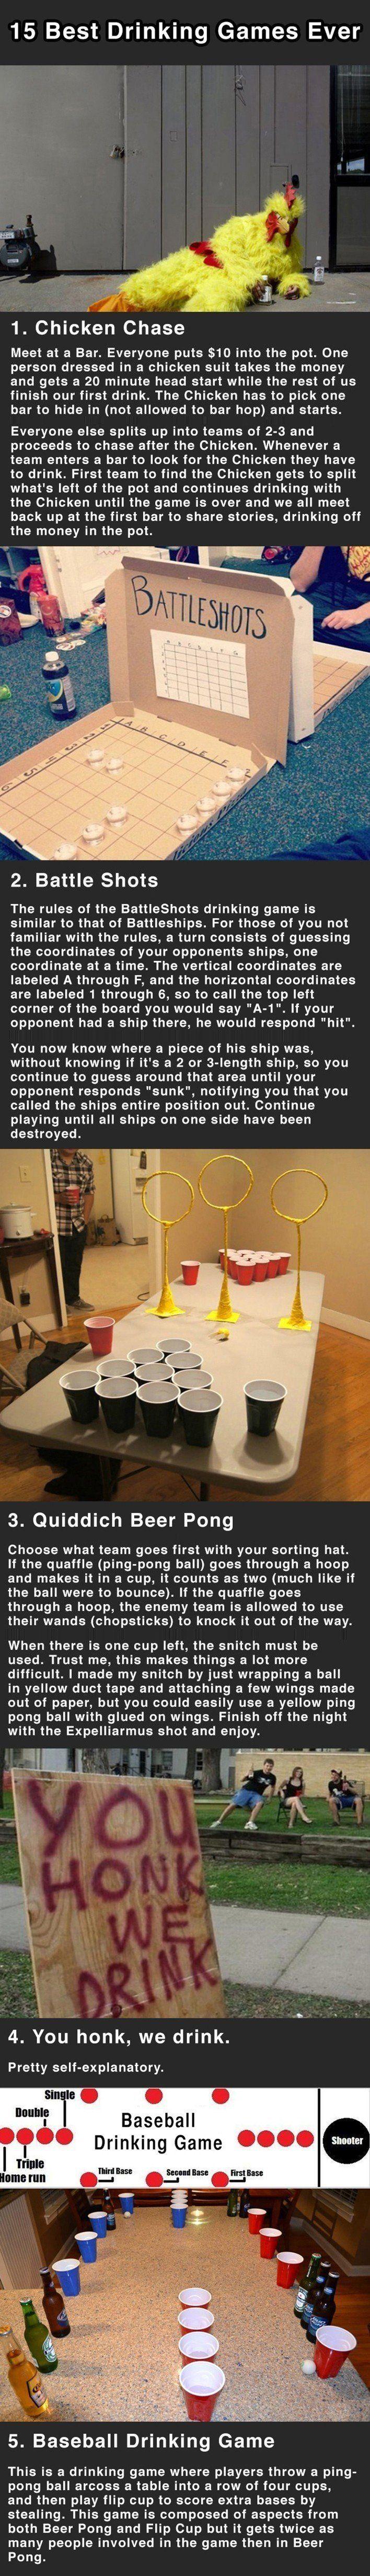 15 Best Drinking Games